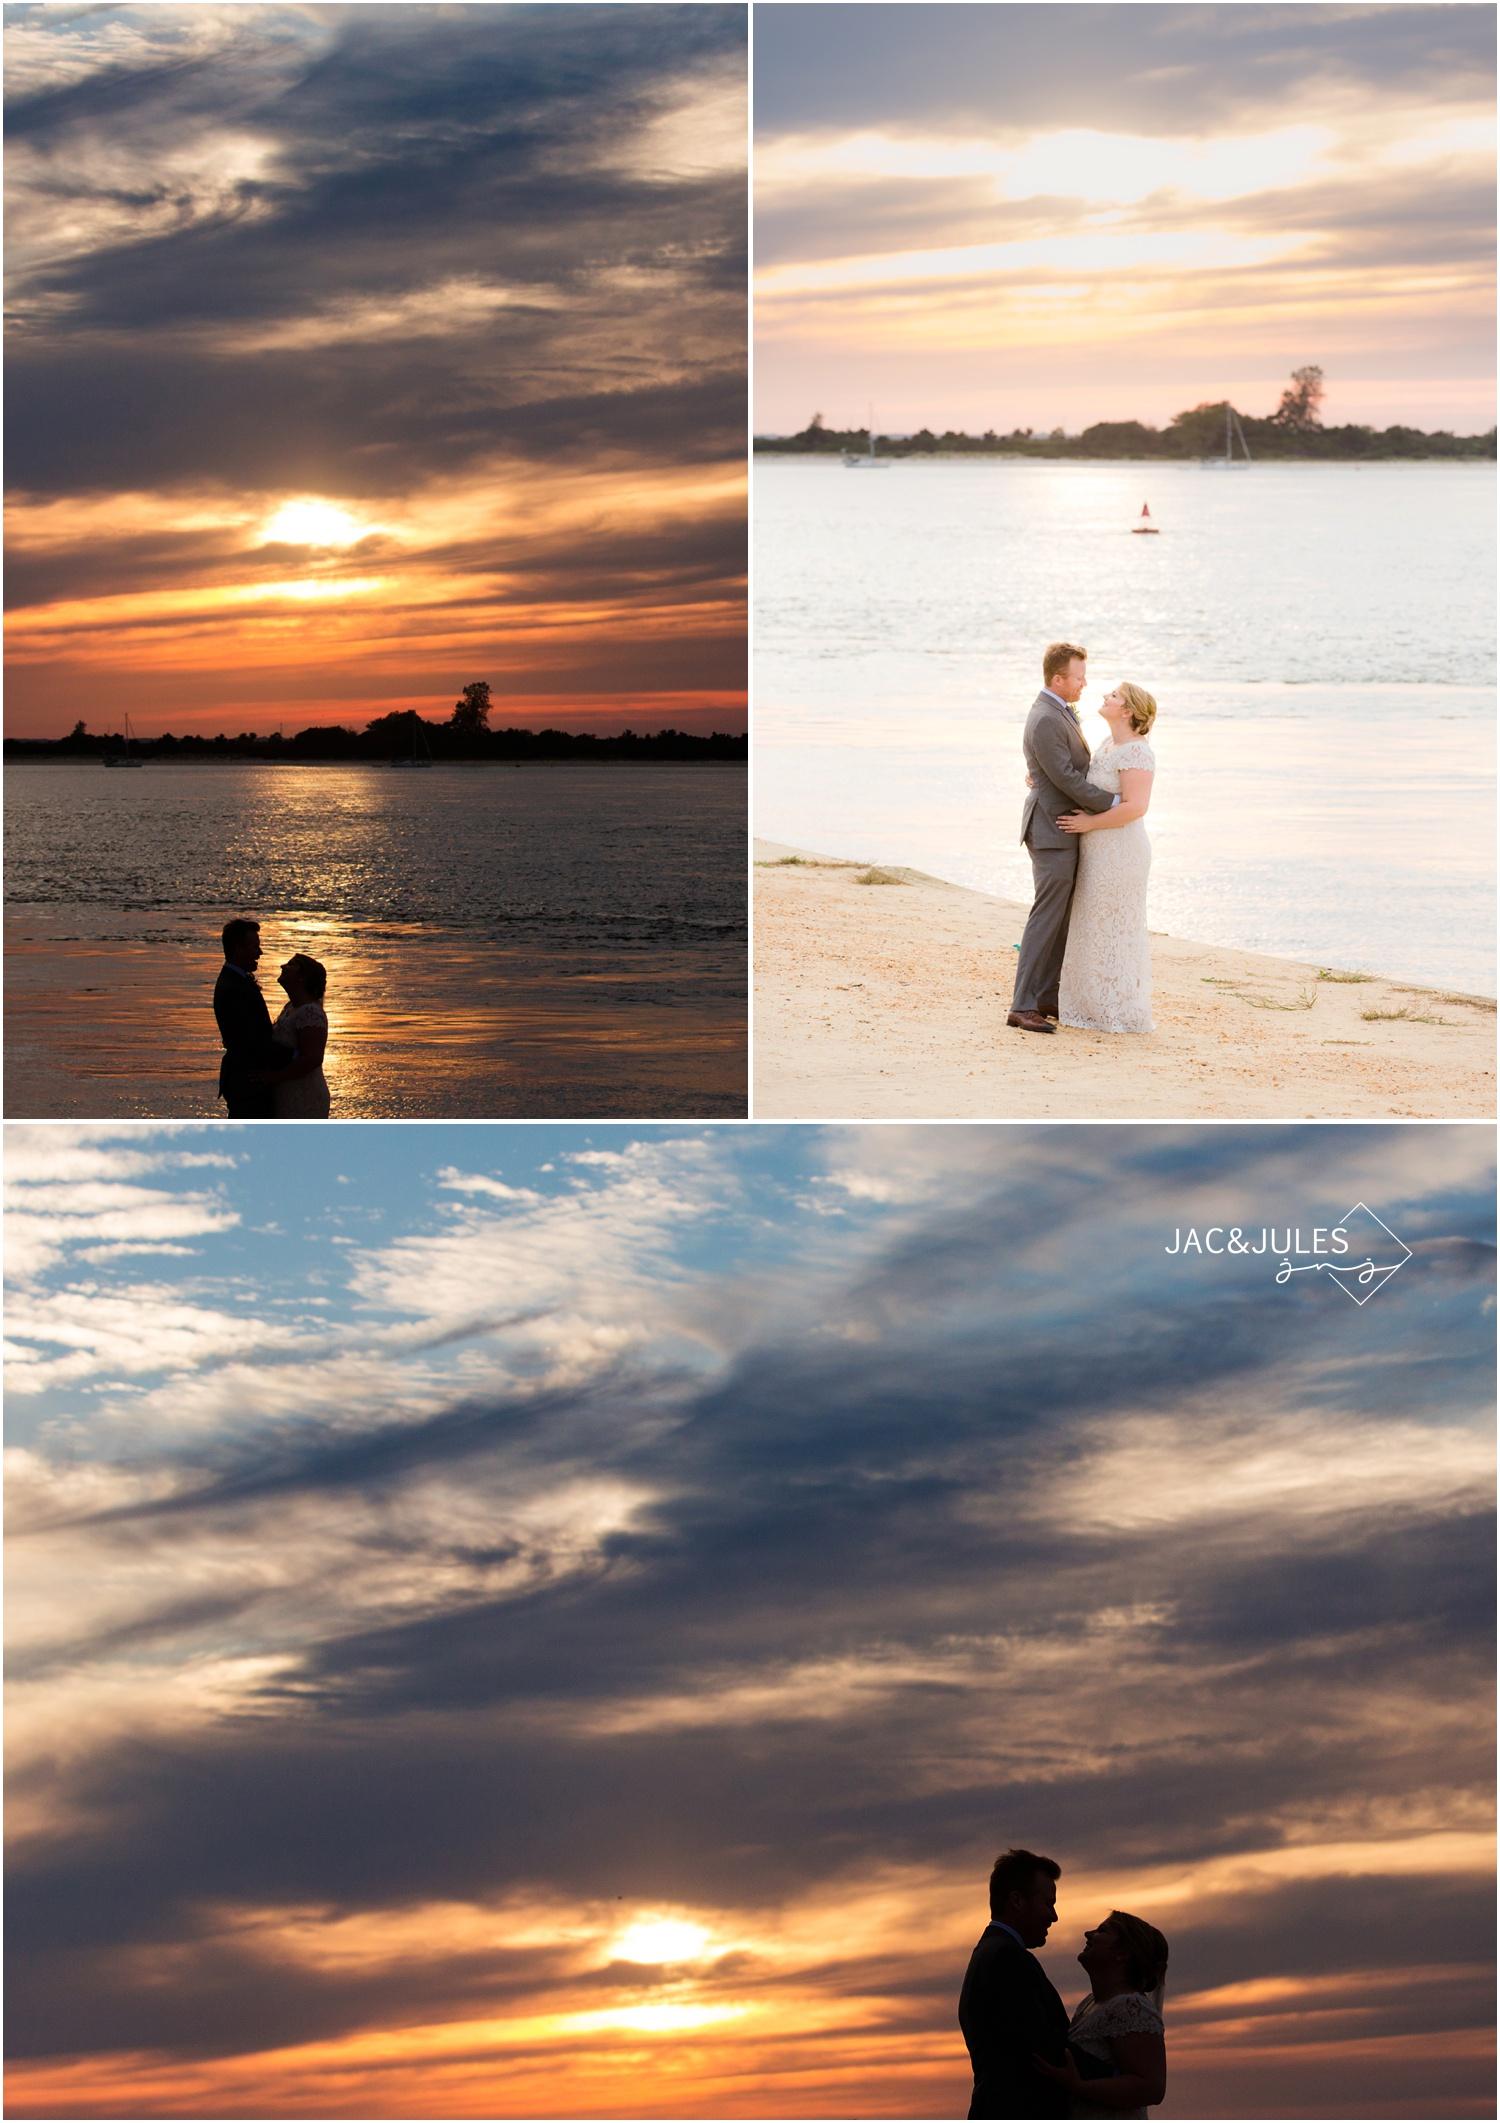 bride and groom sunset photos on the beach at barnegat lighthouse in Long Beach Island, NJ